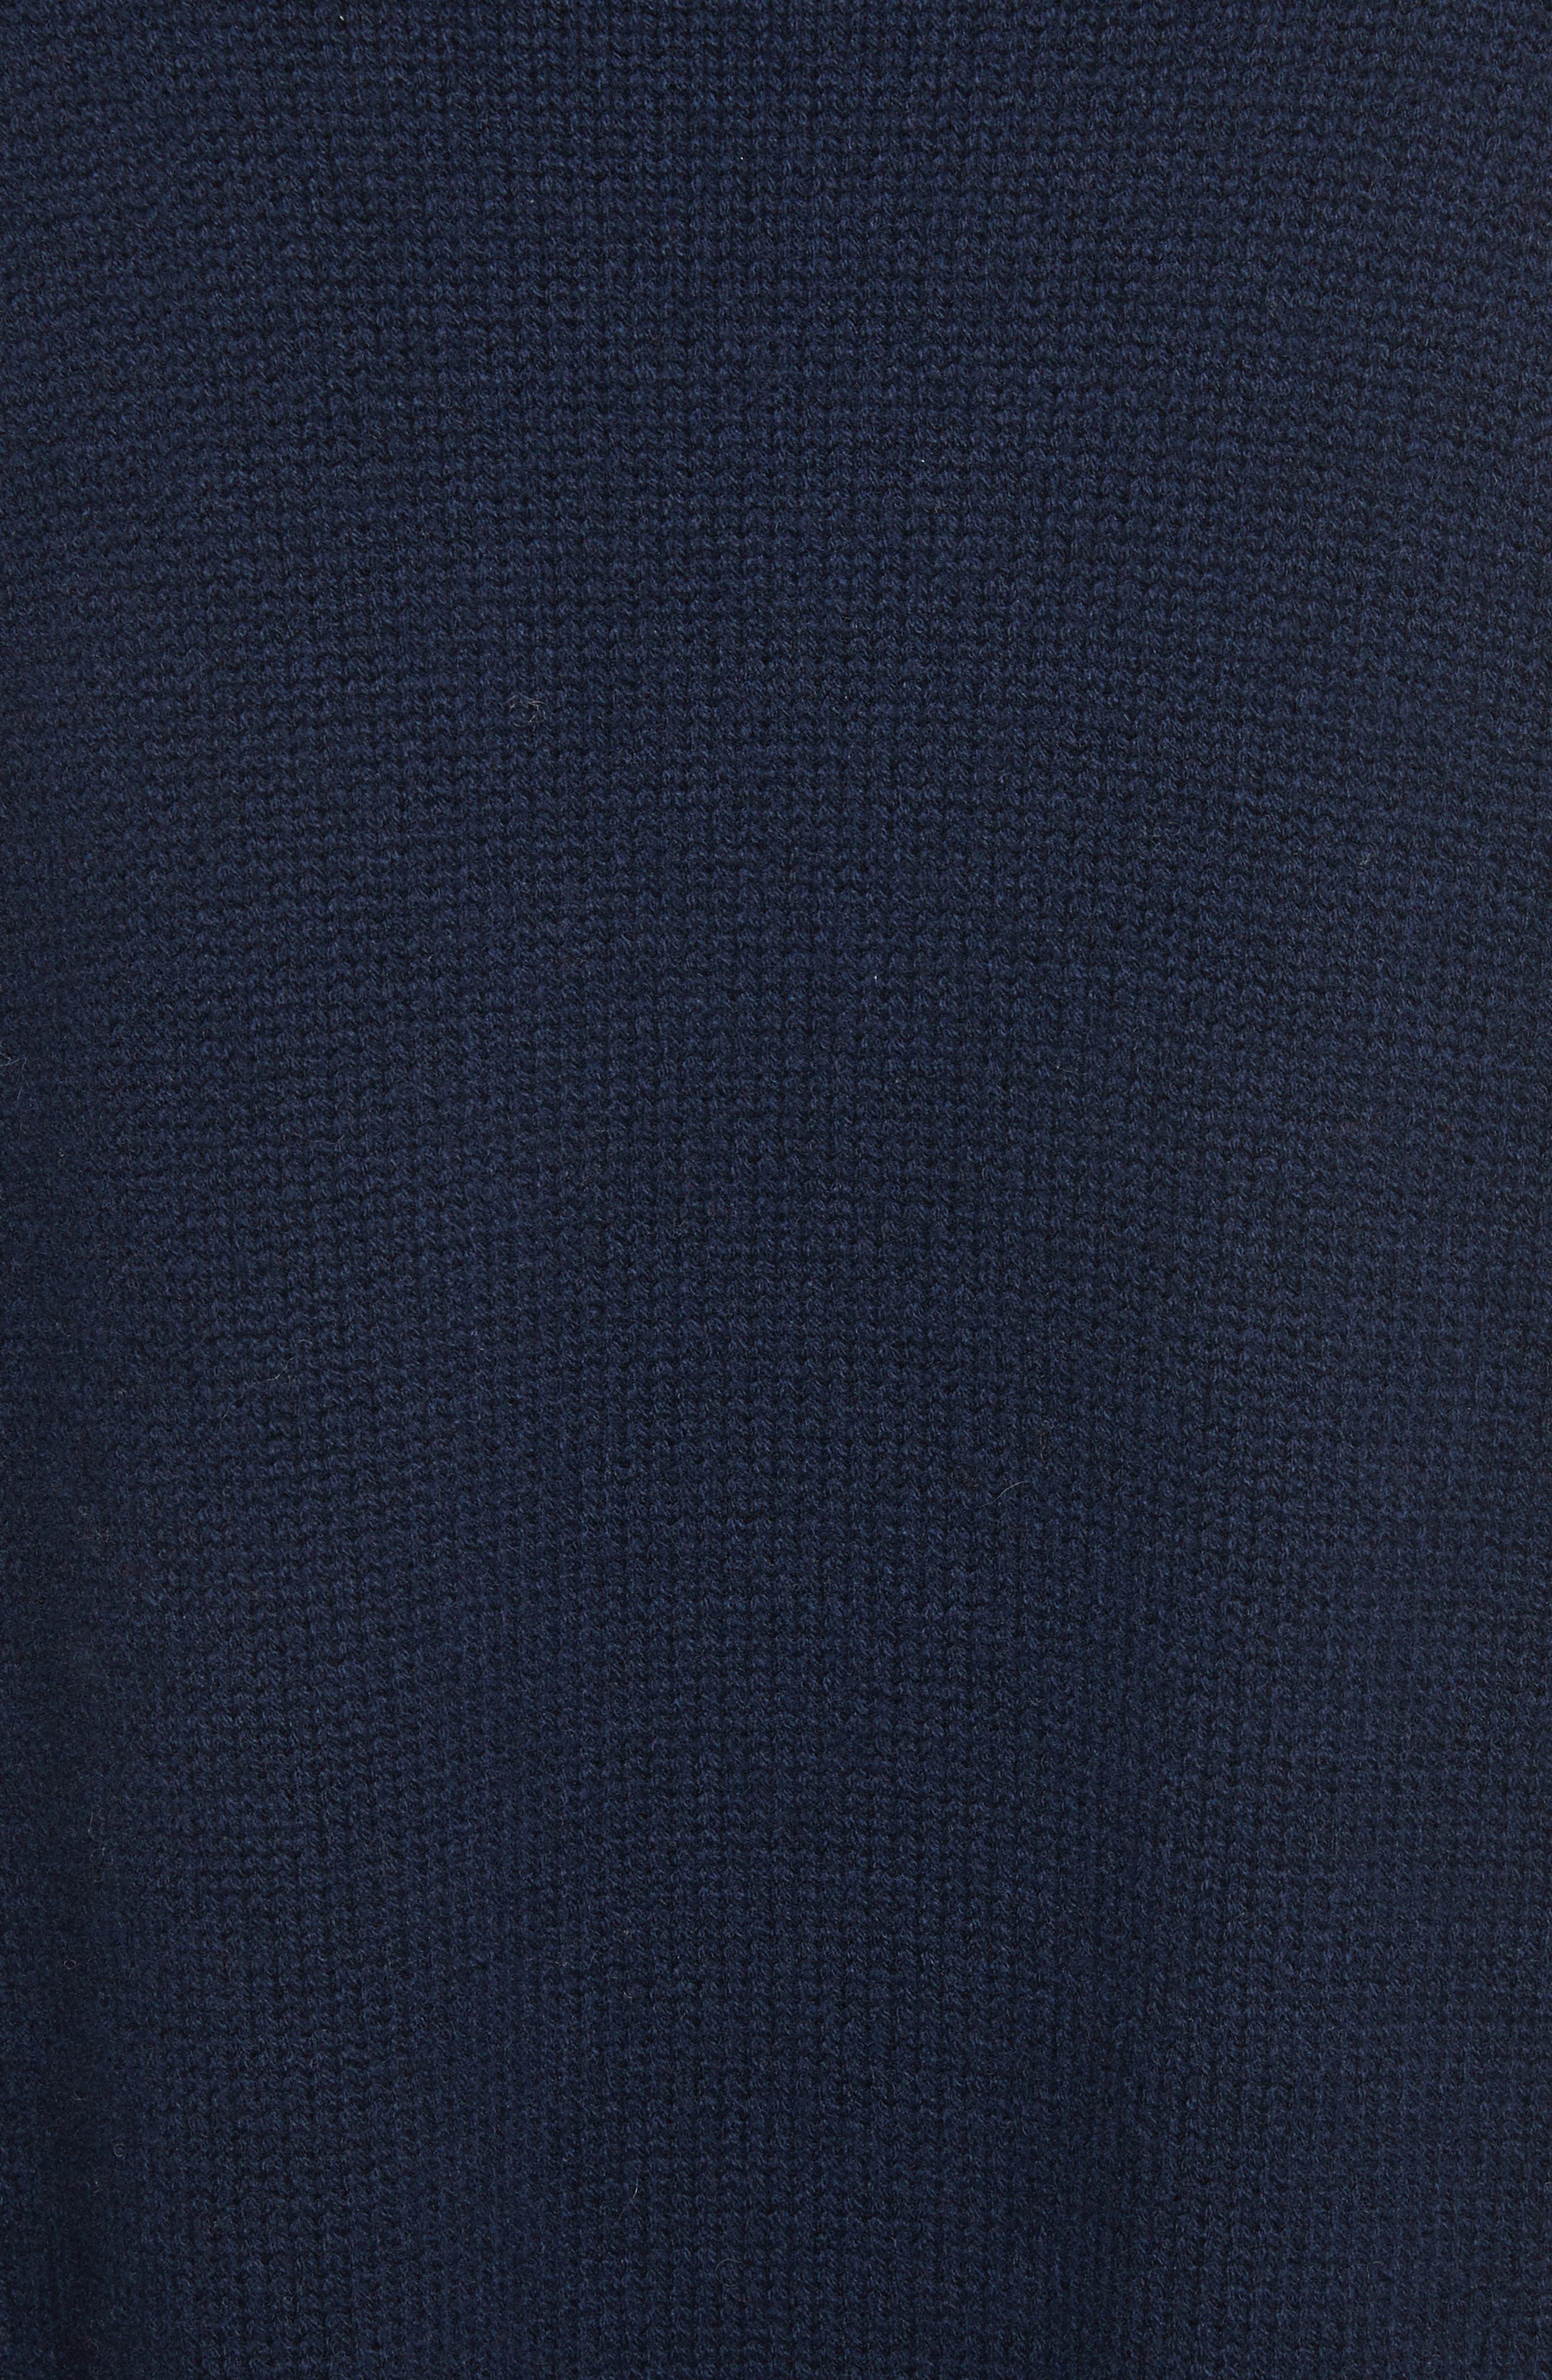 Babur Colorblock Long Wool Cardigan,                             Alternate thumbnail 5, color,